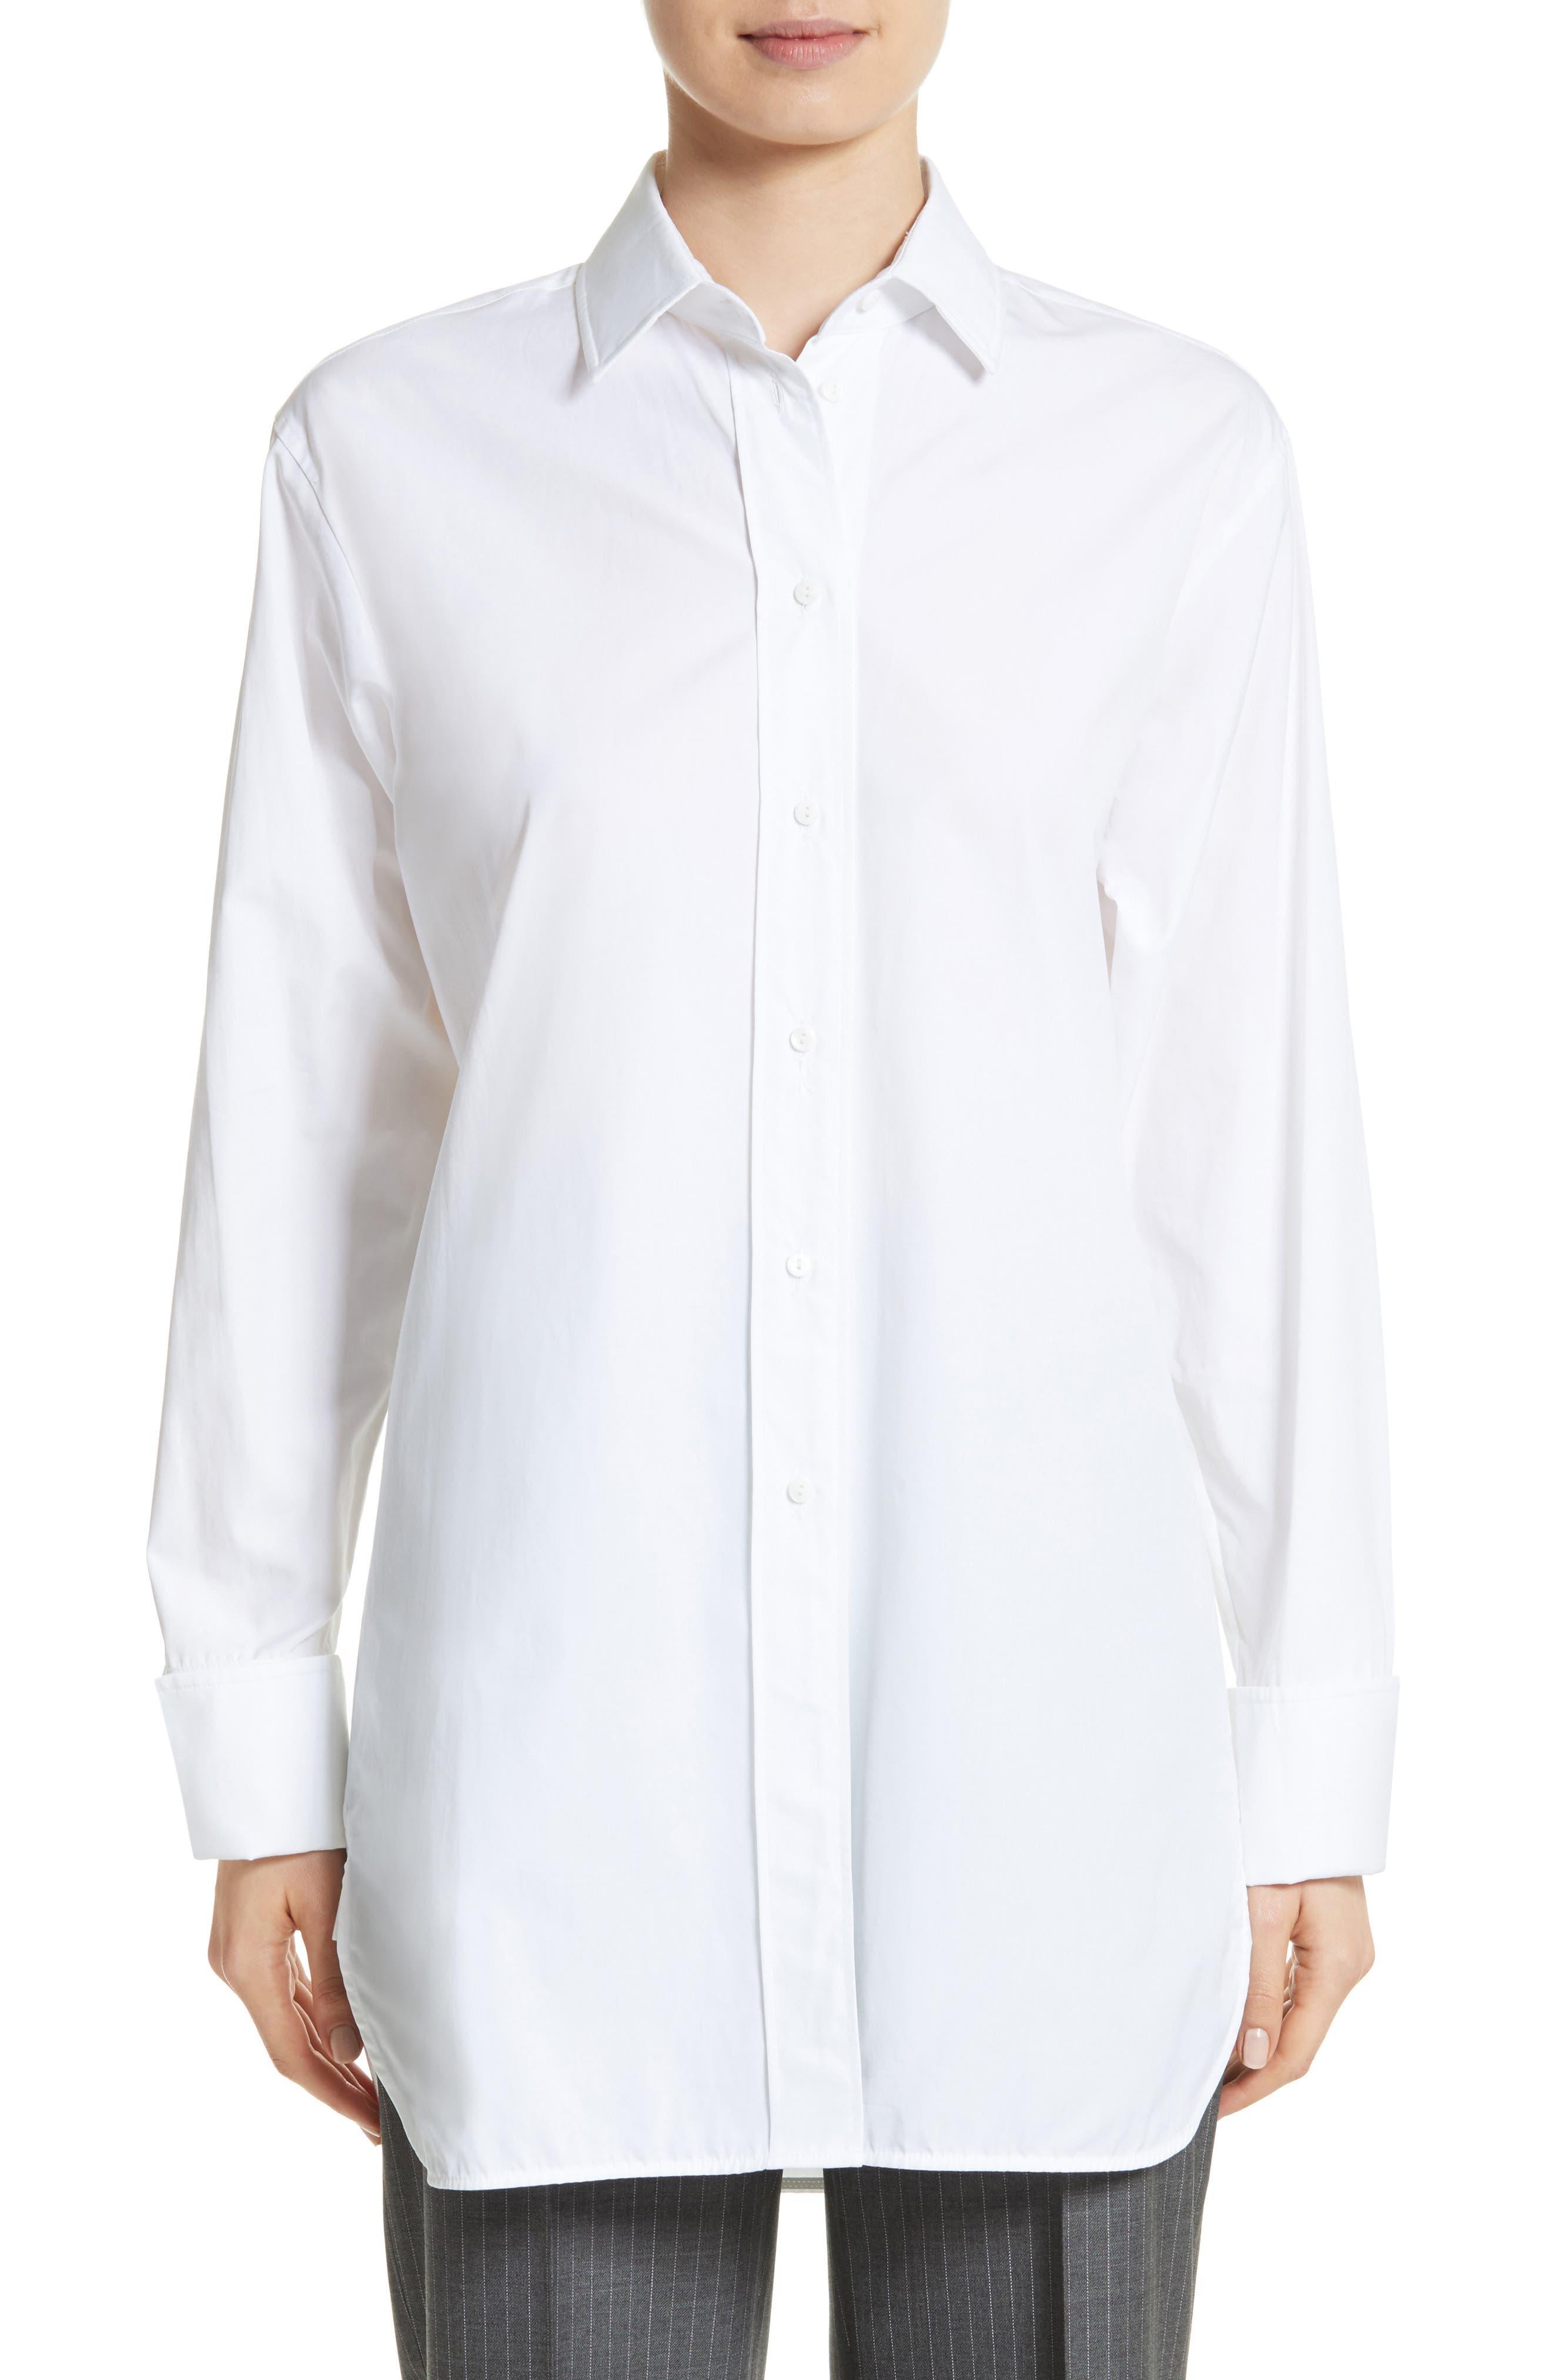 Max Mara Visivo Cotton Poplin Shirt